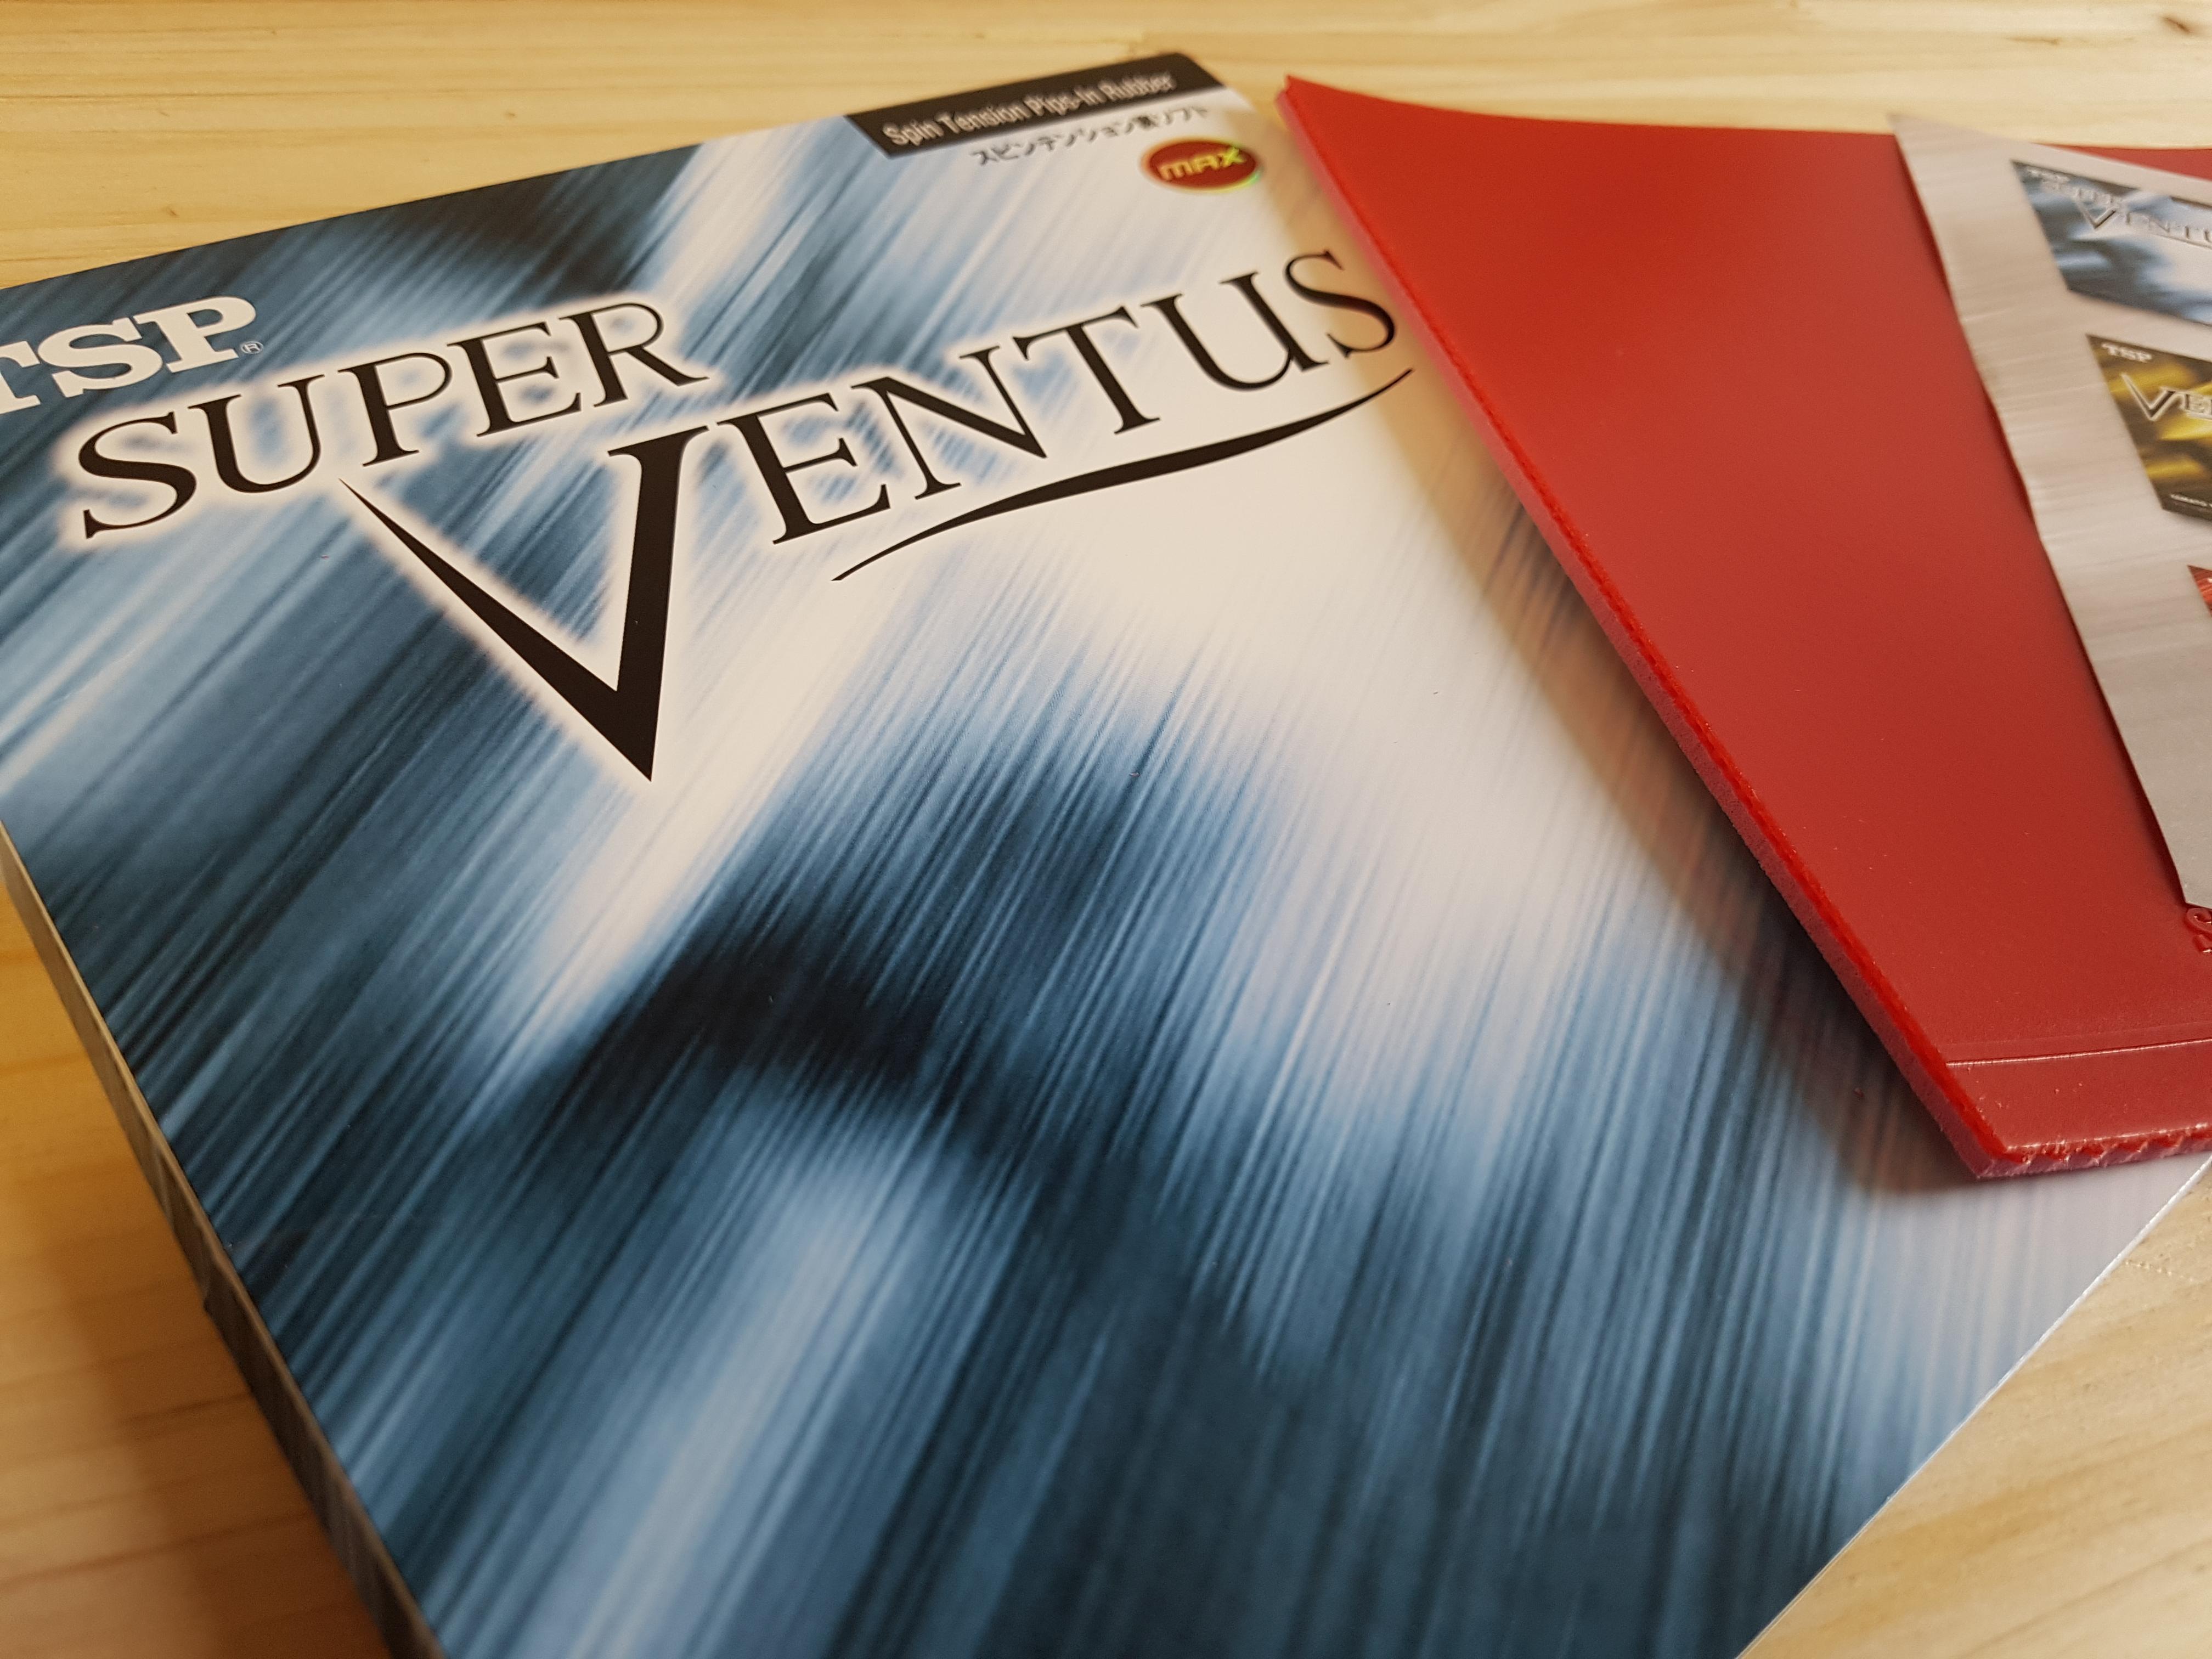 TSP Super Ventus – Topspinbelag der neuesten Generation